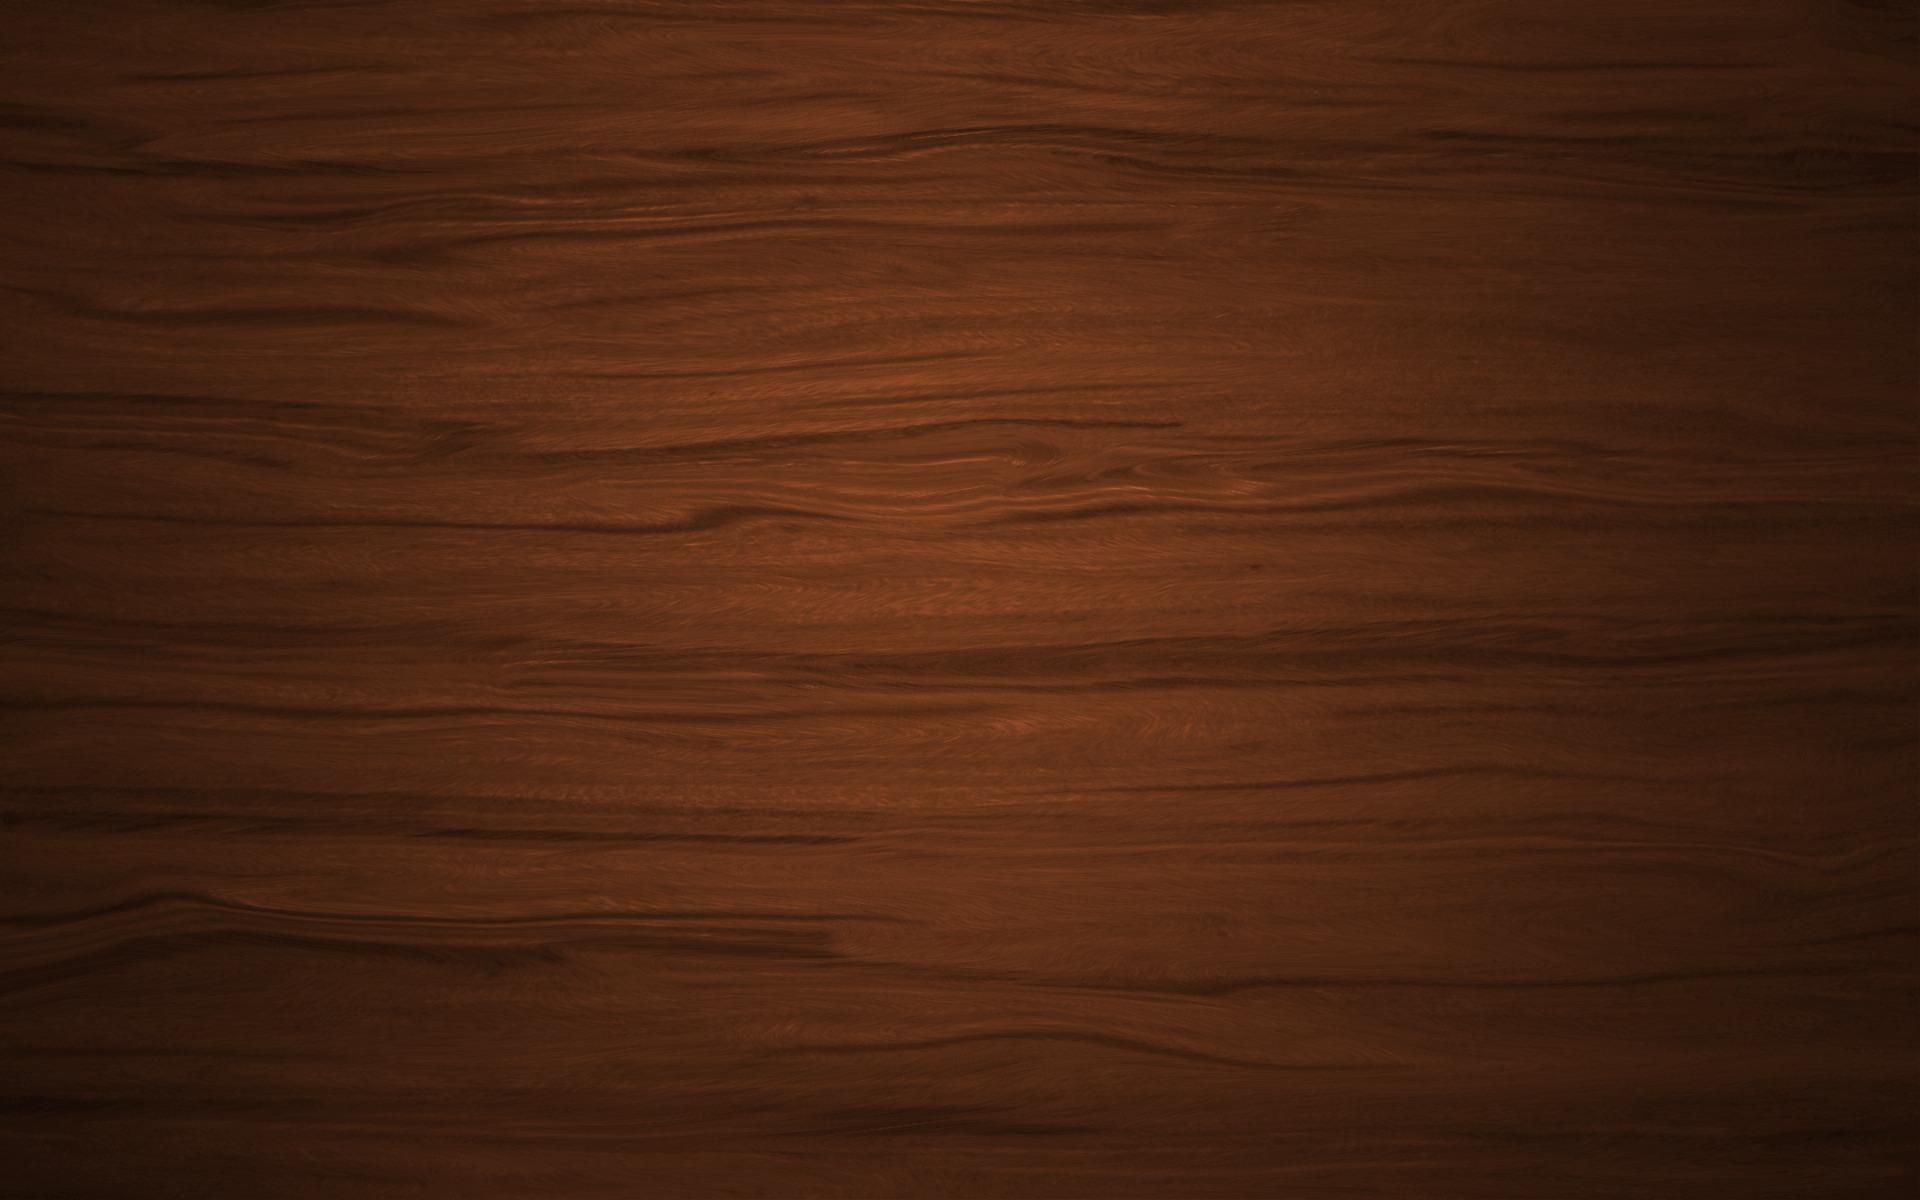 Wooden Desk Background ~ Textura de madera como fondo pantalla